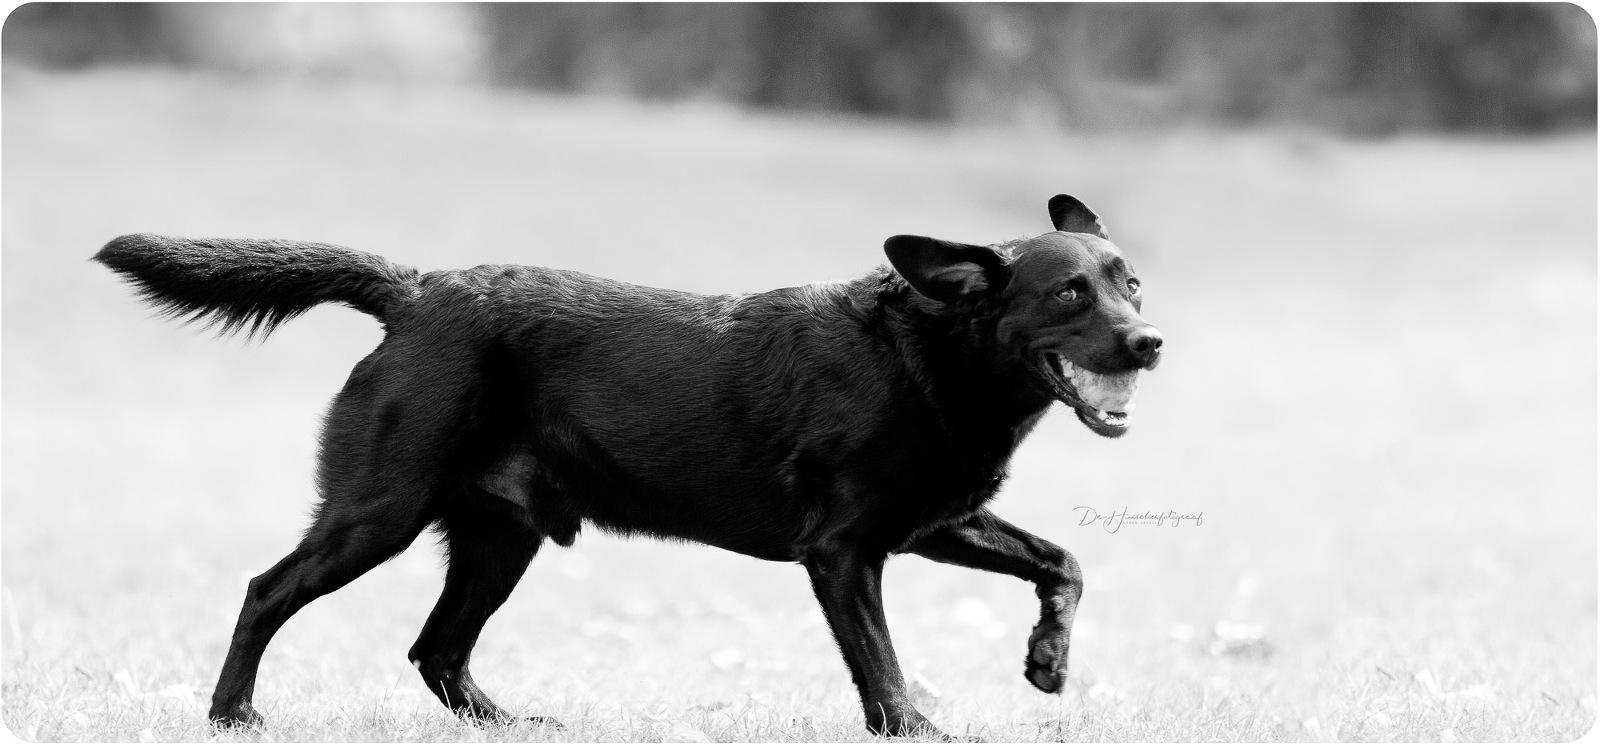 Zwart-wit-portret van een zwarte labrador die voorbijloopt met een tennisbal in de muil, en intussen een blik op De Huisdierfotograaf werpt